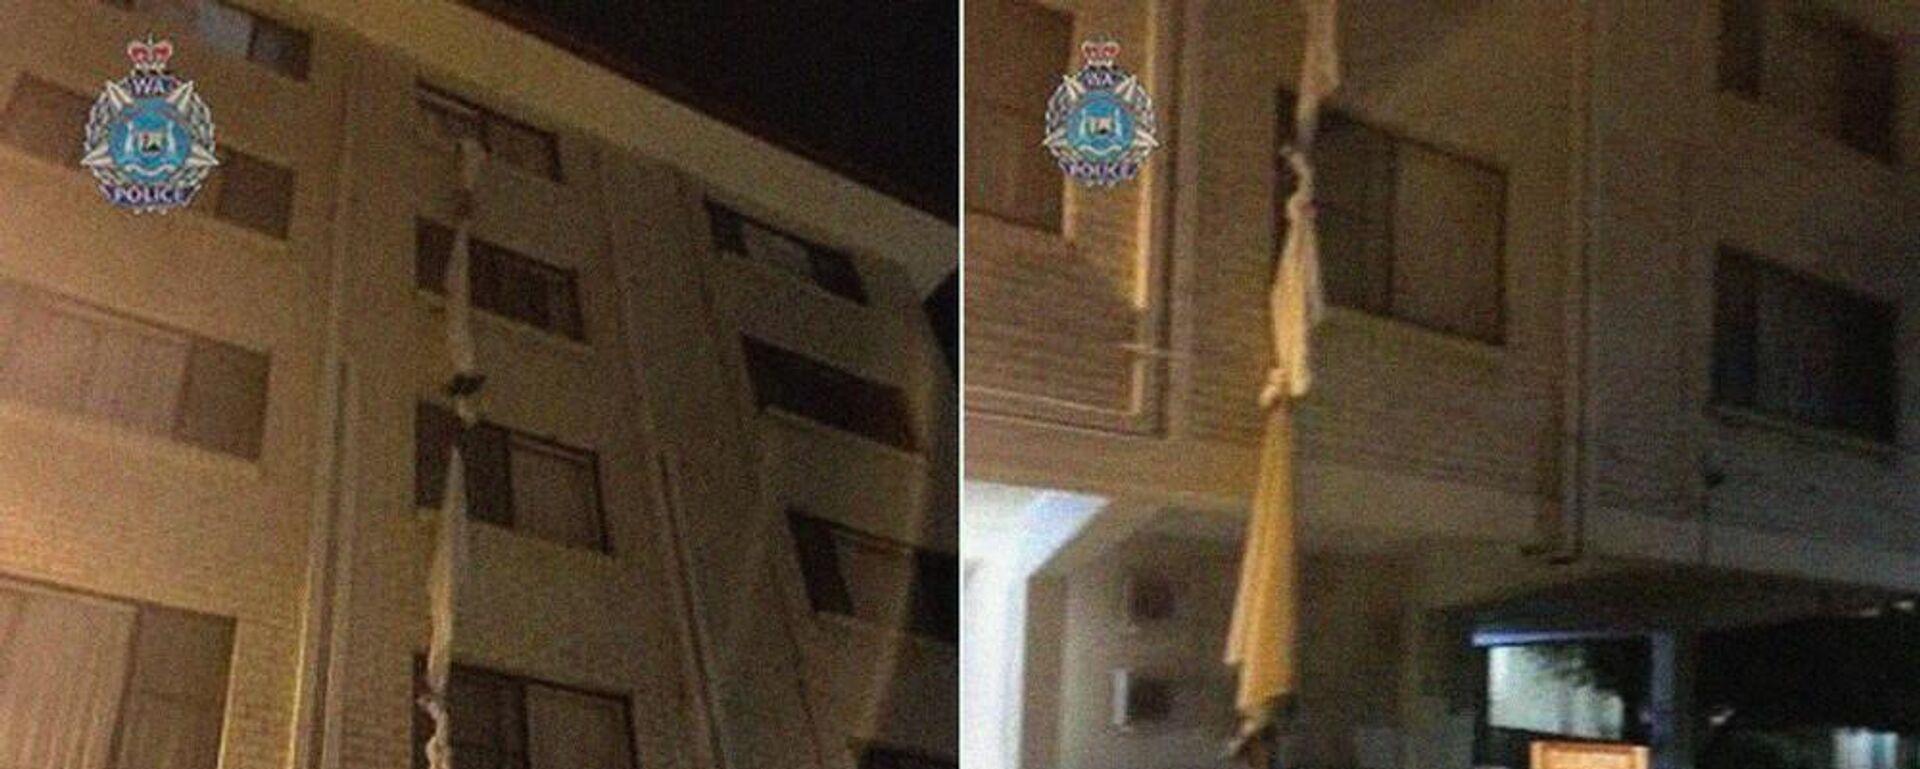 Άντρας έφτιαξε σκοινί από σεντόνια για να το σκάσει από ξενοδοχείο καραντίνας - Sputnik Ελλάδα, 1920, 21.07.2021